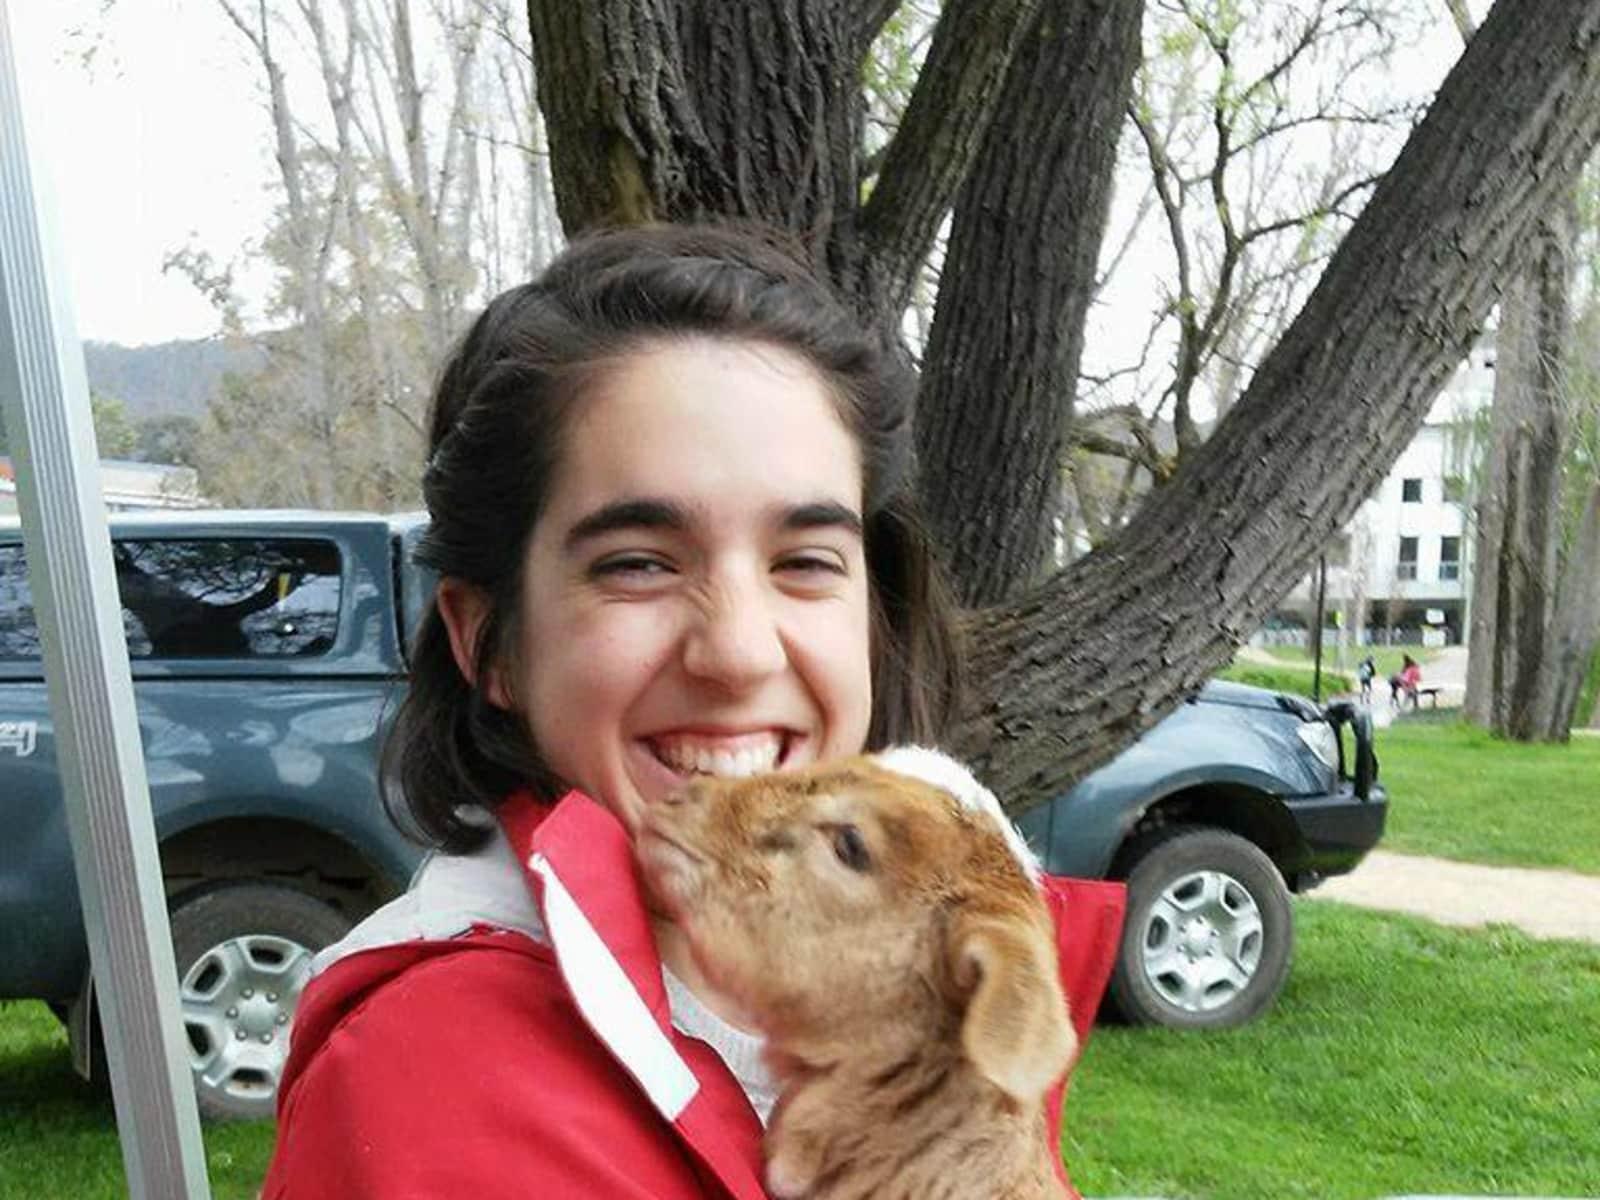 Melinda from Victoria, British Columbia, Canada